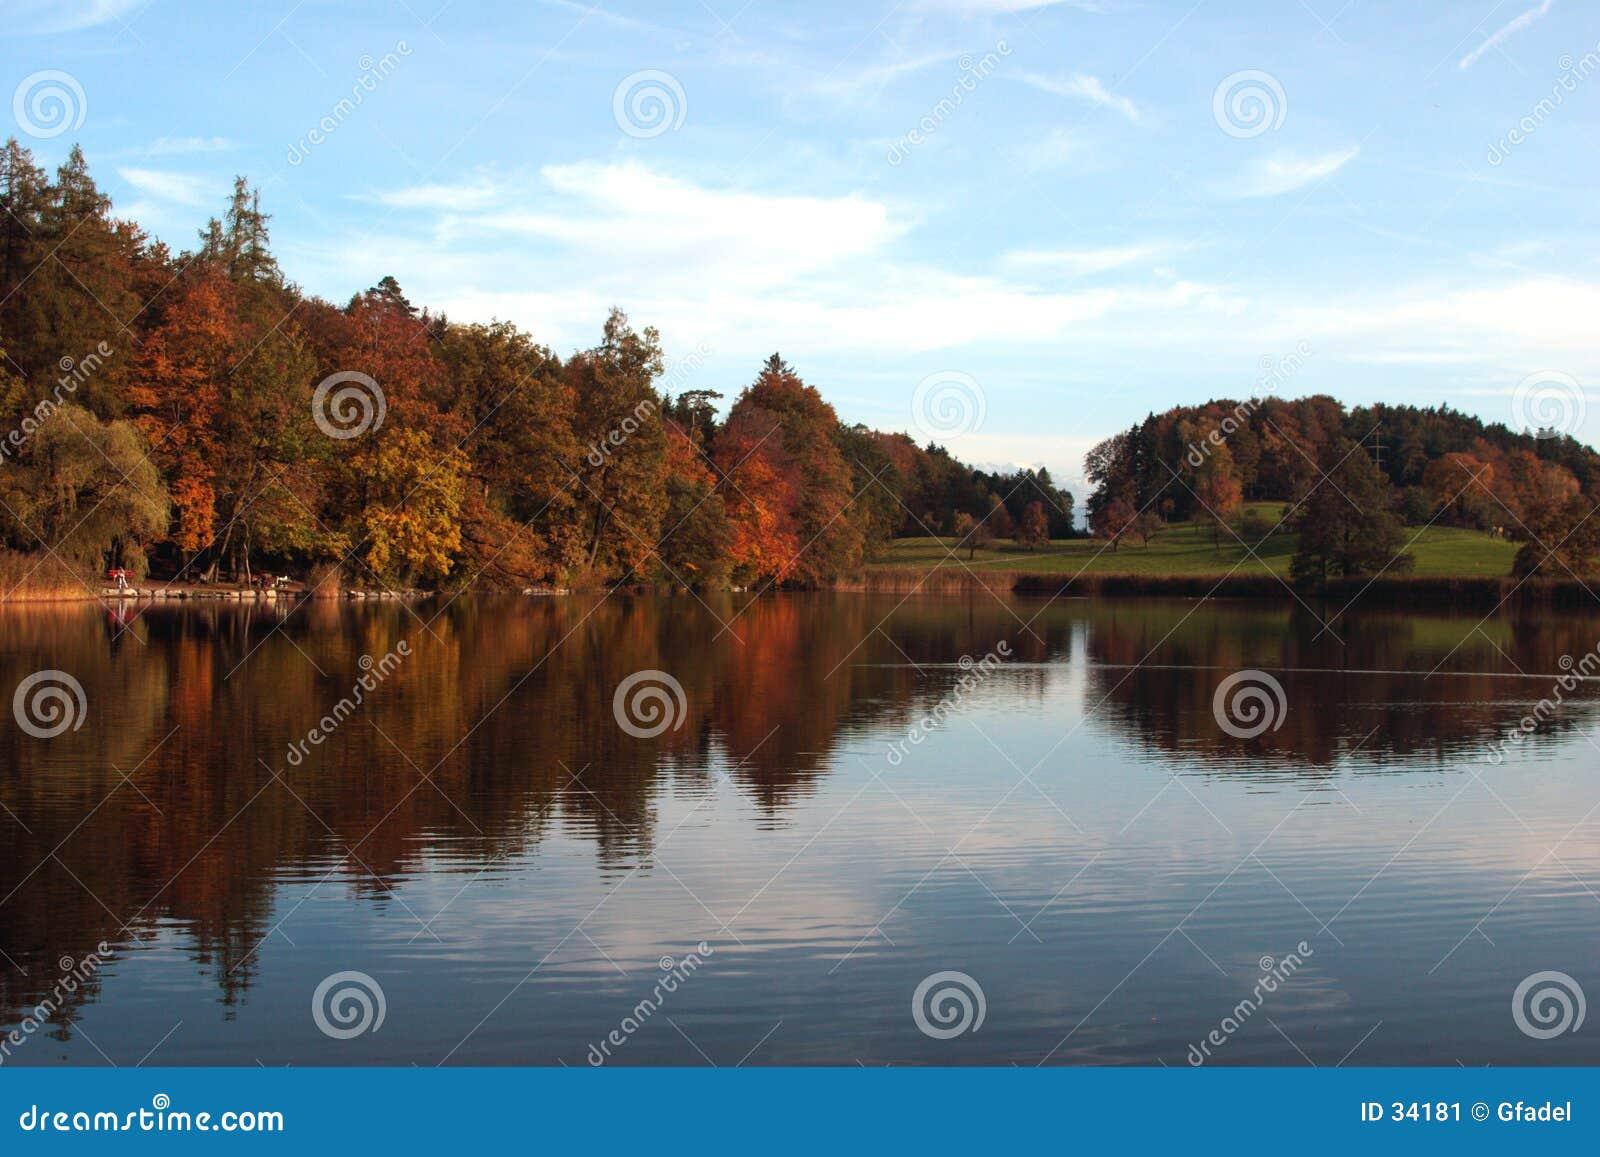 Download La caída colorea I imagen de archivo. Imagen de árbol, lago - 34181